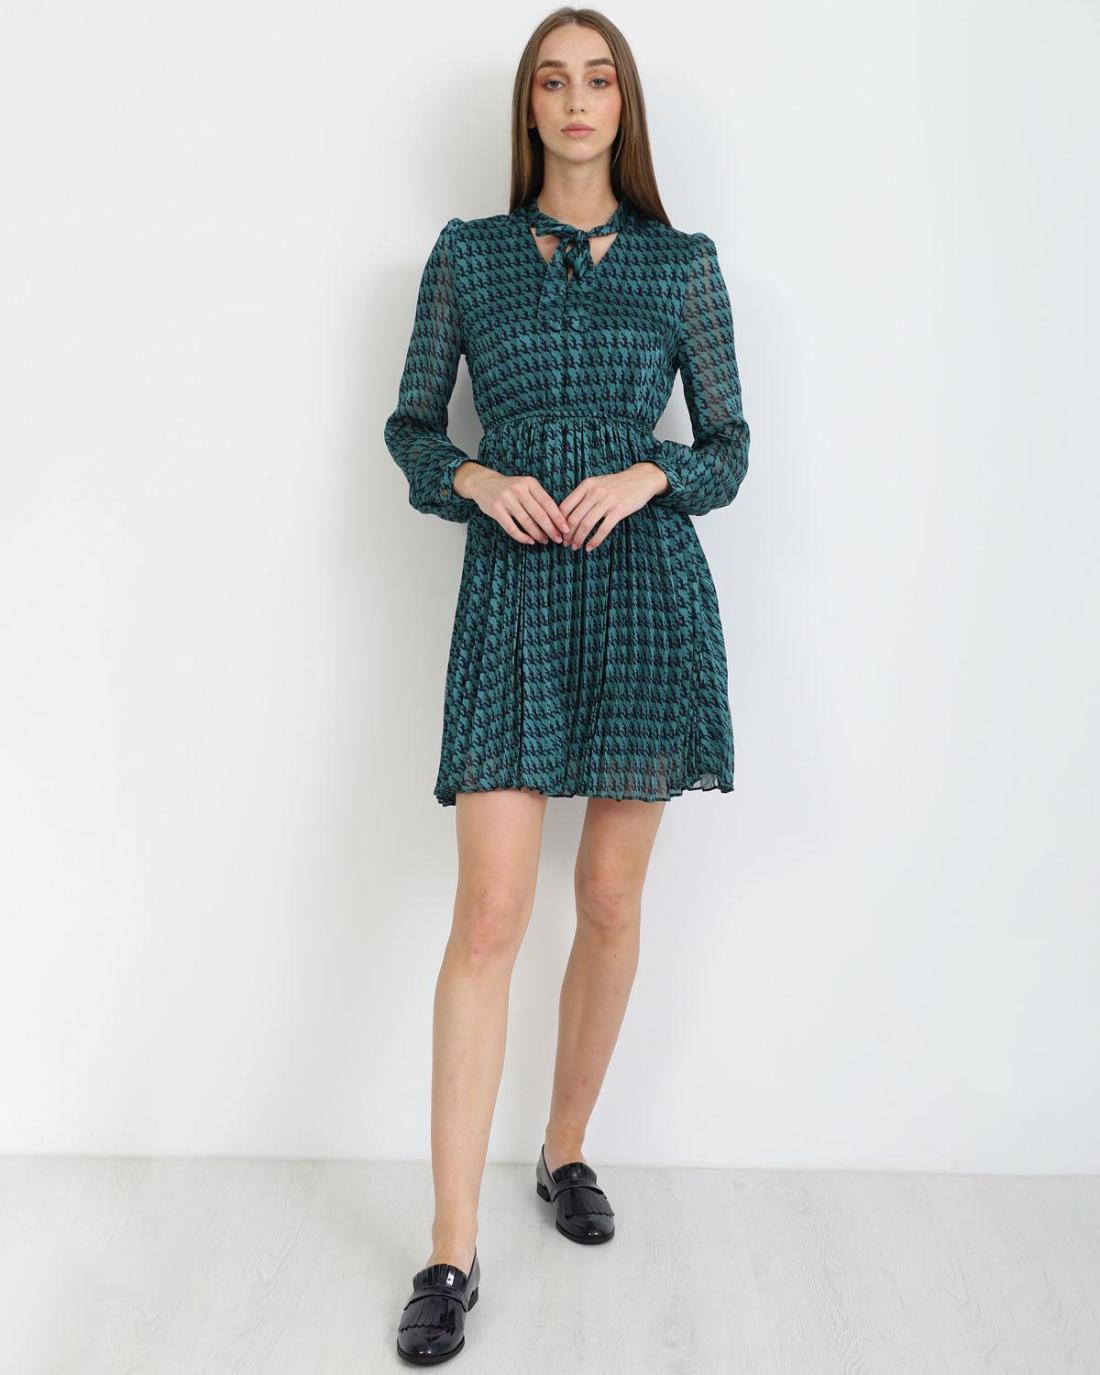 Μίνι φόρεμα πετρόλ